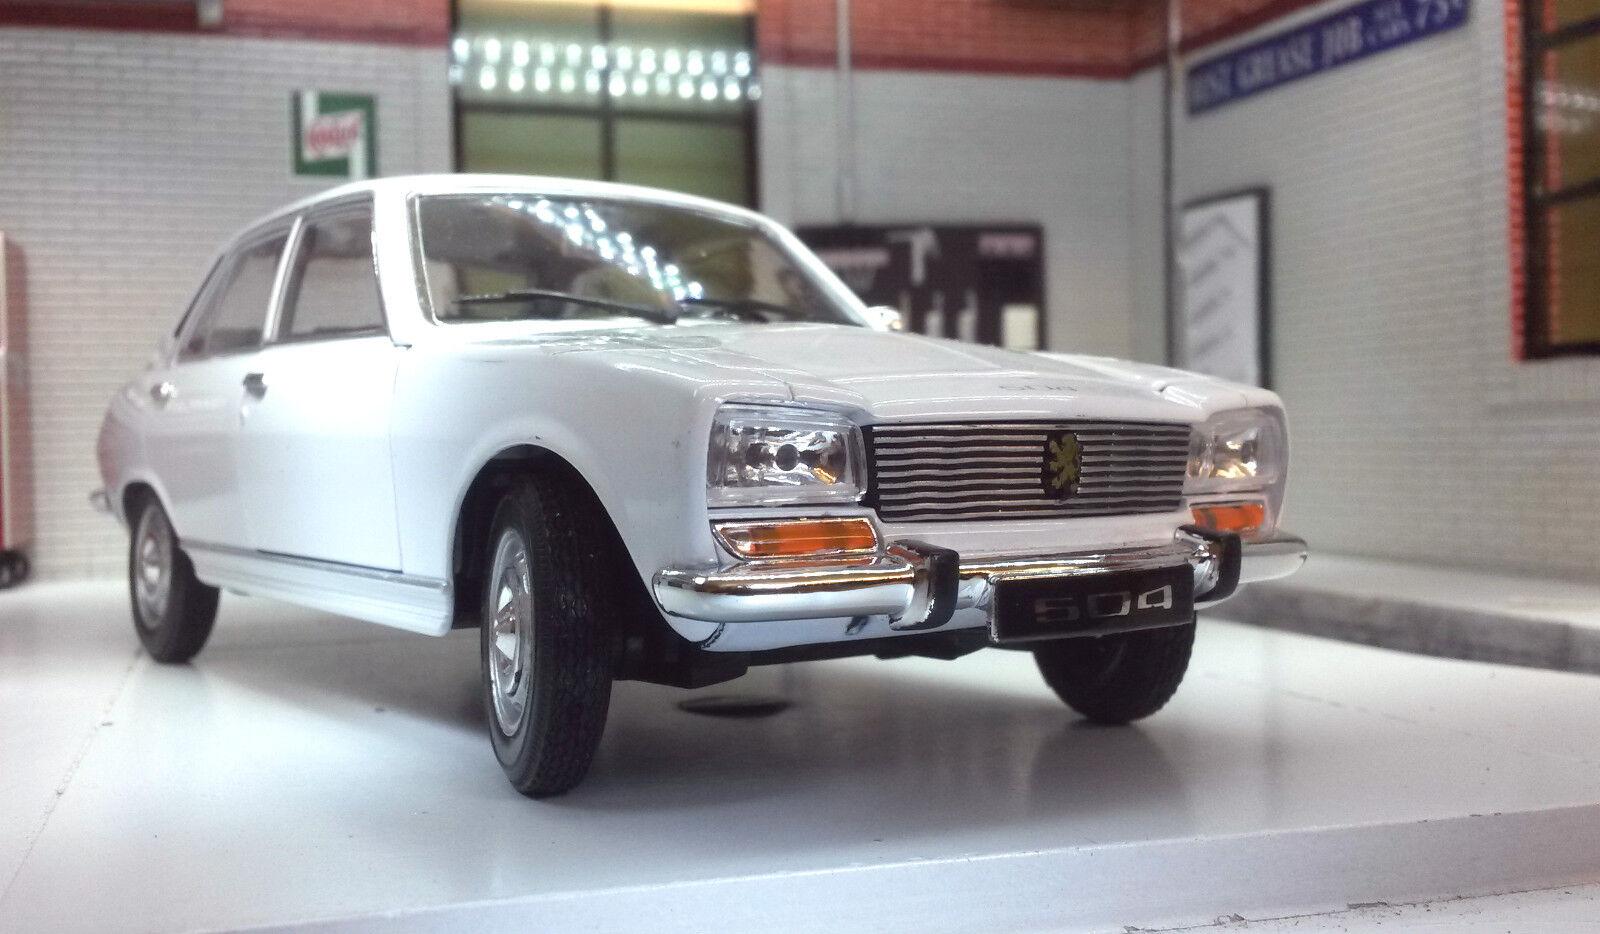 G 24 skala 1975 peugeot 504 lsb - saloon weiße detaillierte ei ein diecast modell - auto